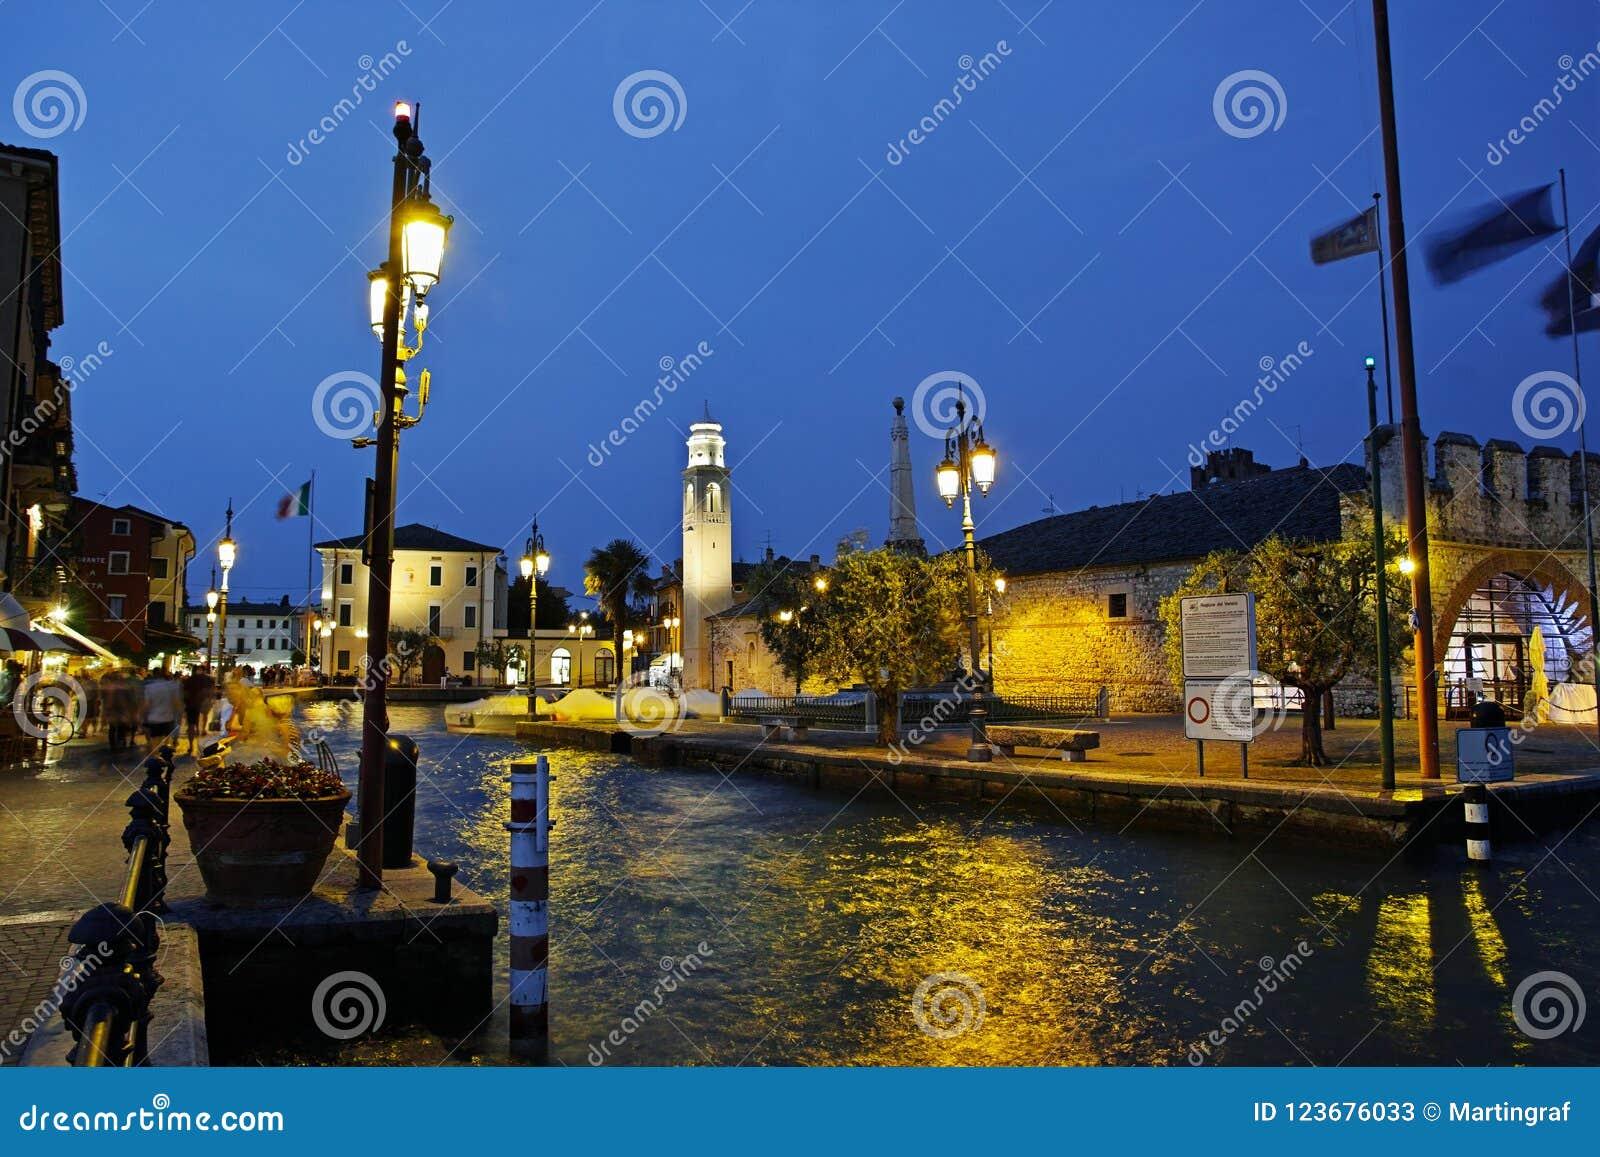 Sommerabendszene am Hafen der Mittelmeerstadt